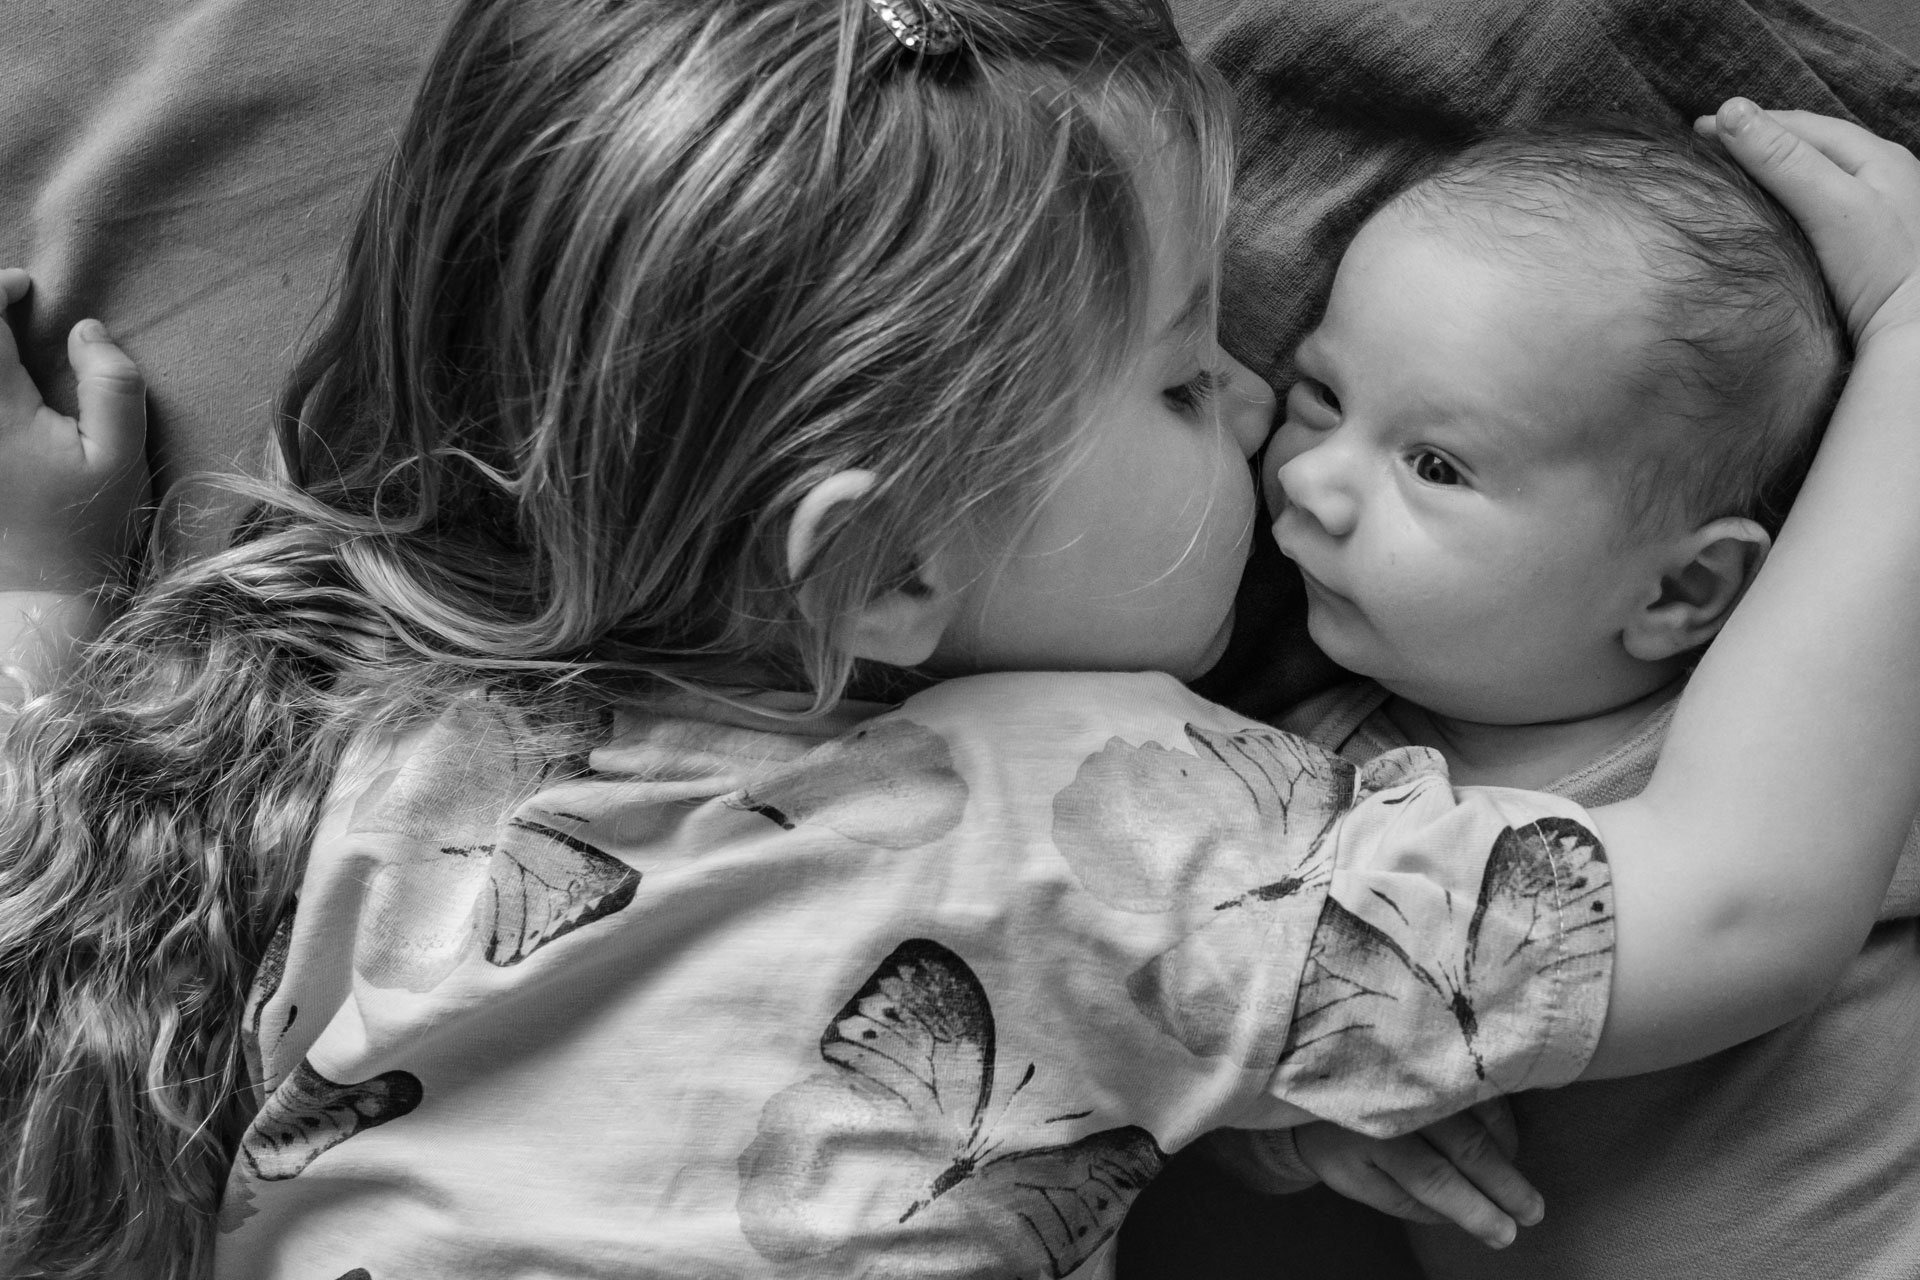 Storesøster ligger på gulvet tett inntil nyfødt baby, og holder forsiktig omkring ham.